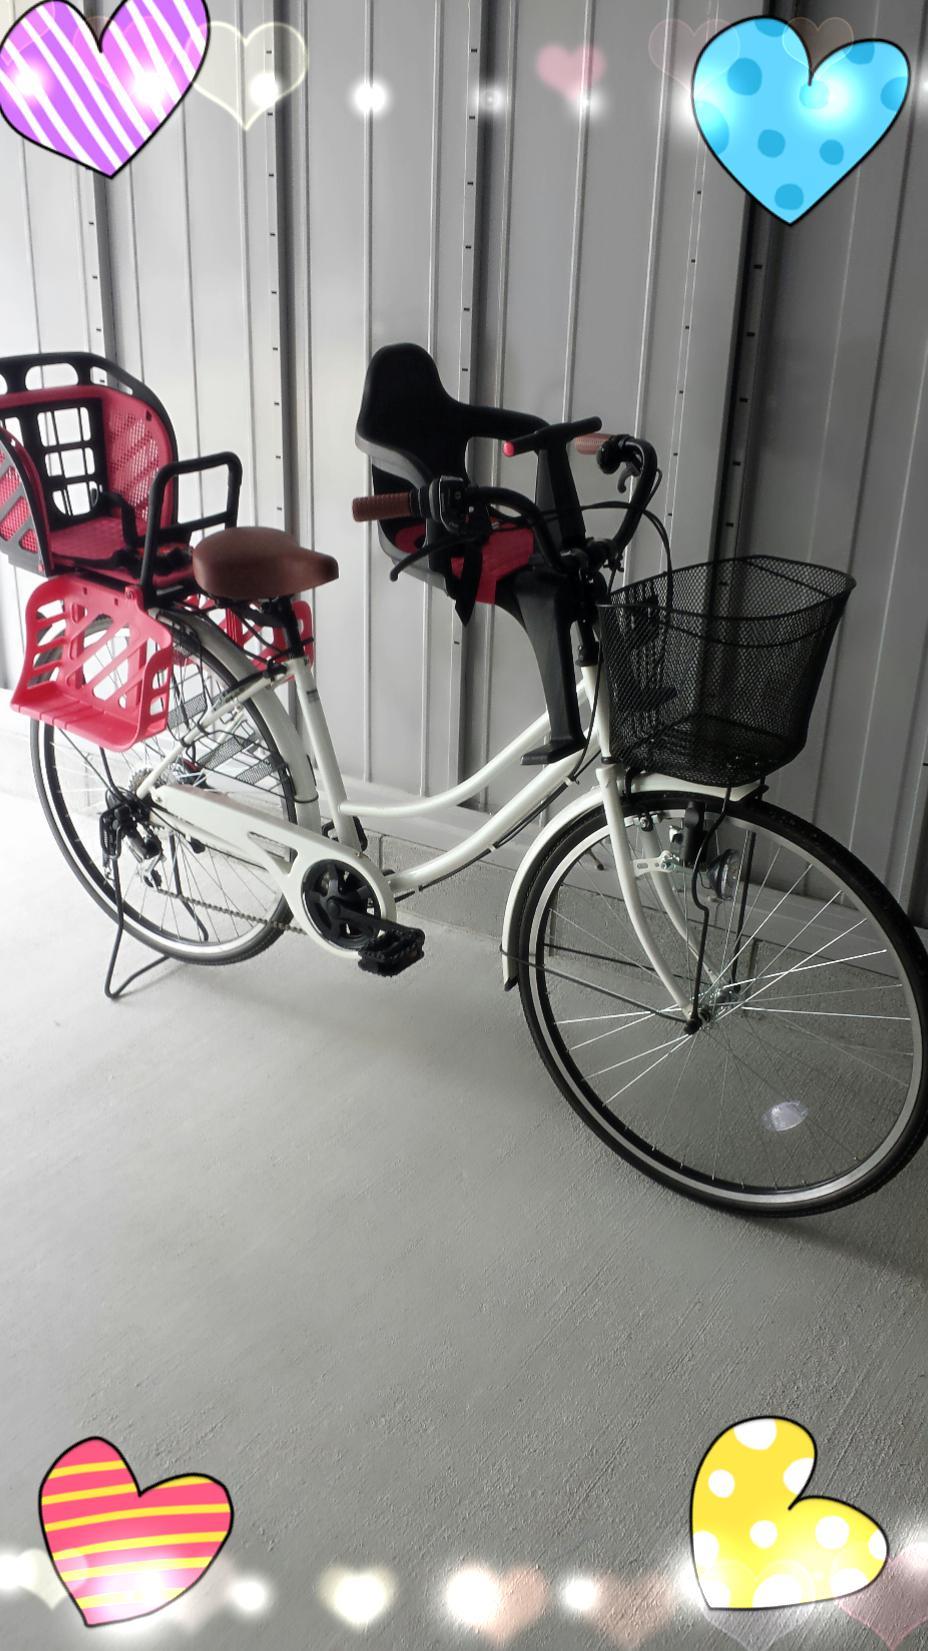 ... 幼児座席・子供椅子)(自転車